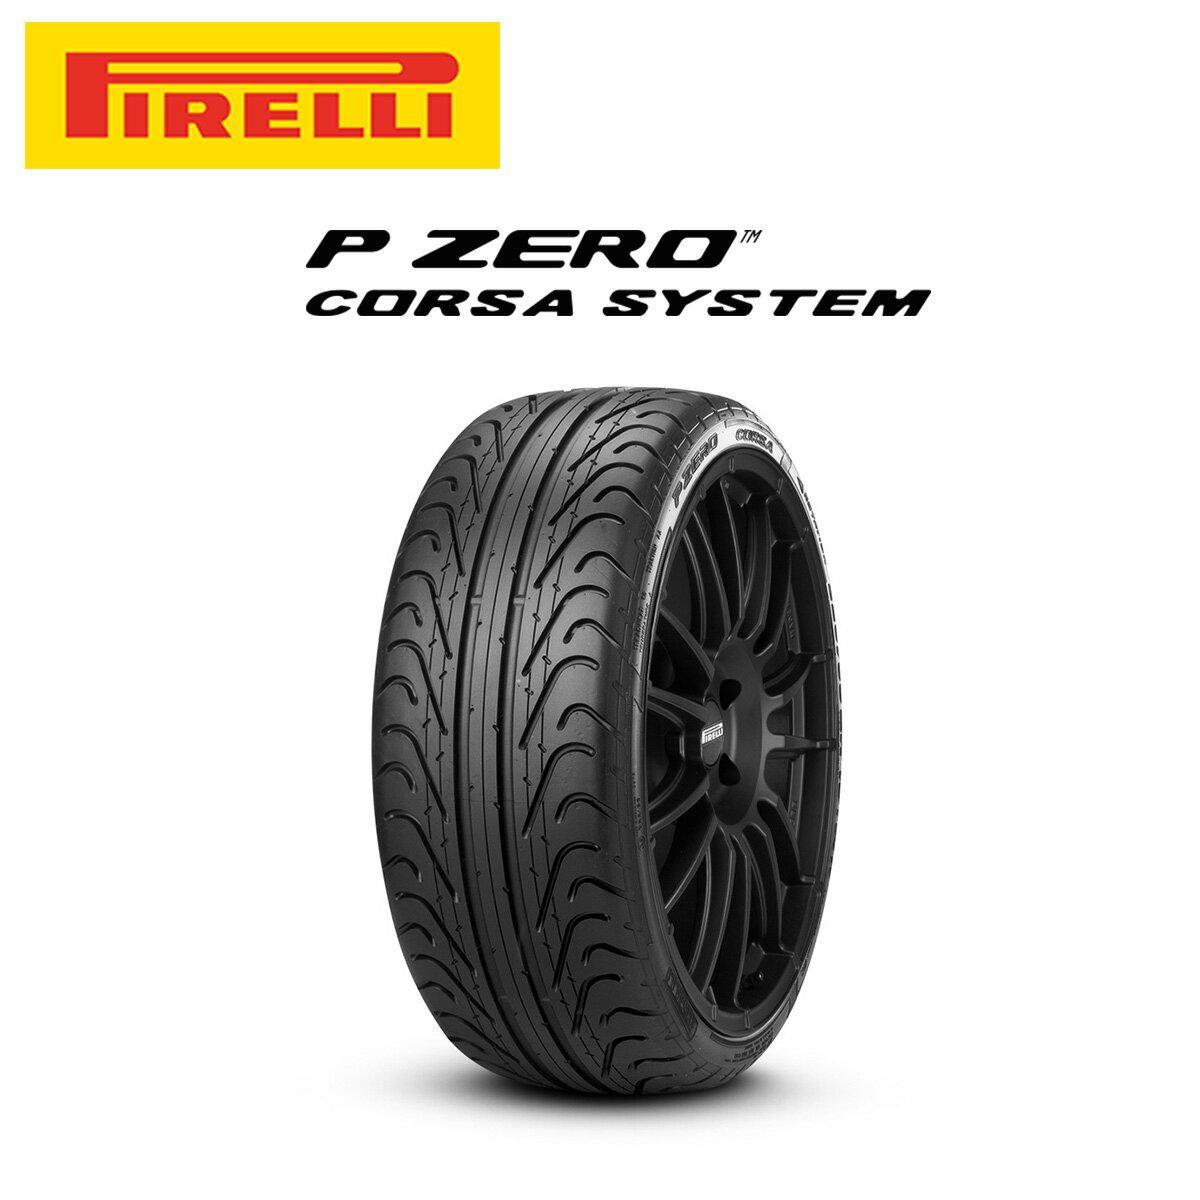 ピレリ PIRELLI P ZERO CORSA ピーゼロコルサ 20インチ サマー タイヤ 1本 255/30ZR20 92Y XL HP:パガーニ承認タイヤ 2813500